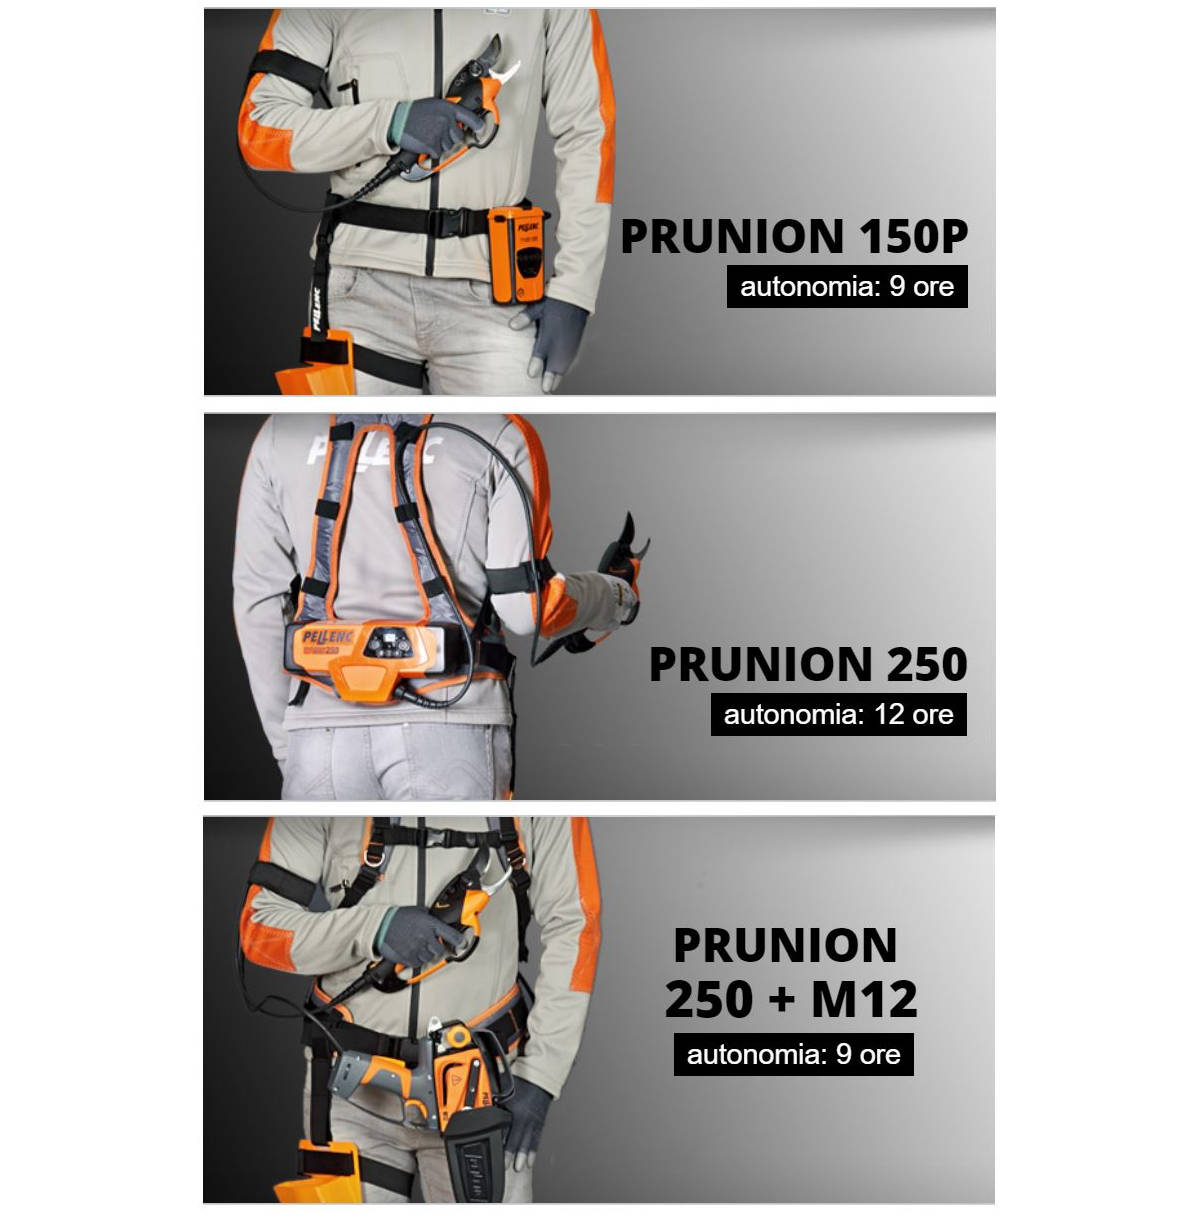 forbici-prunion-pellenc-per-potatura-a-batteria-modelli